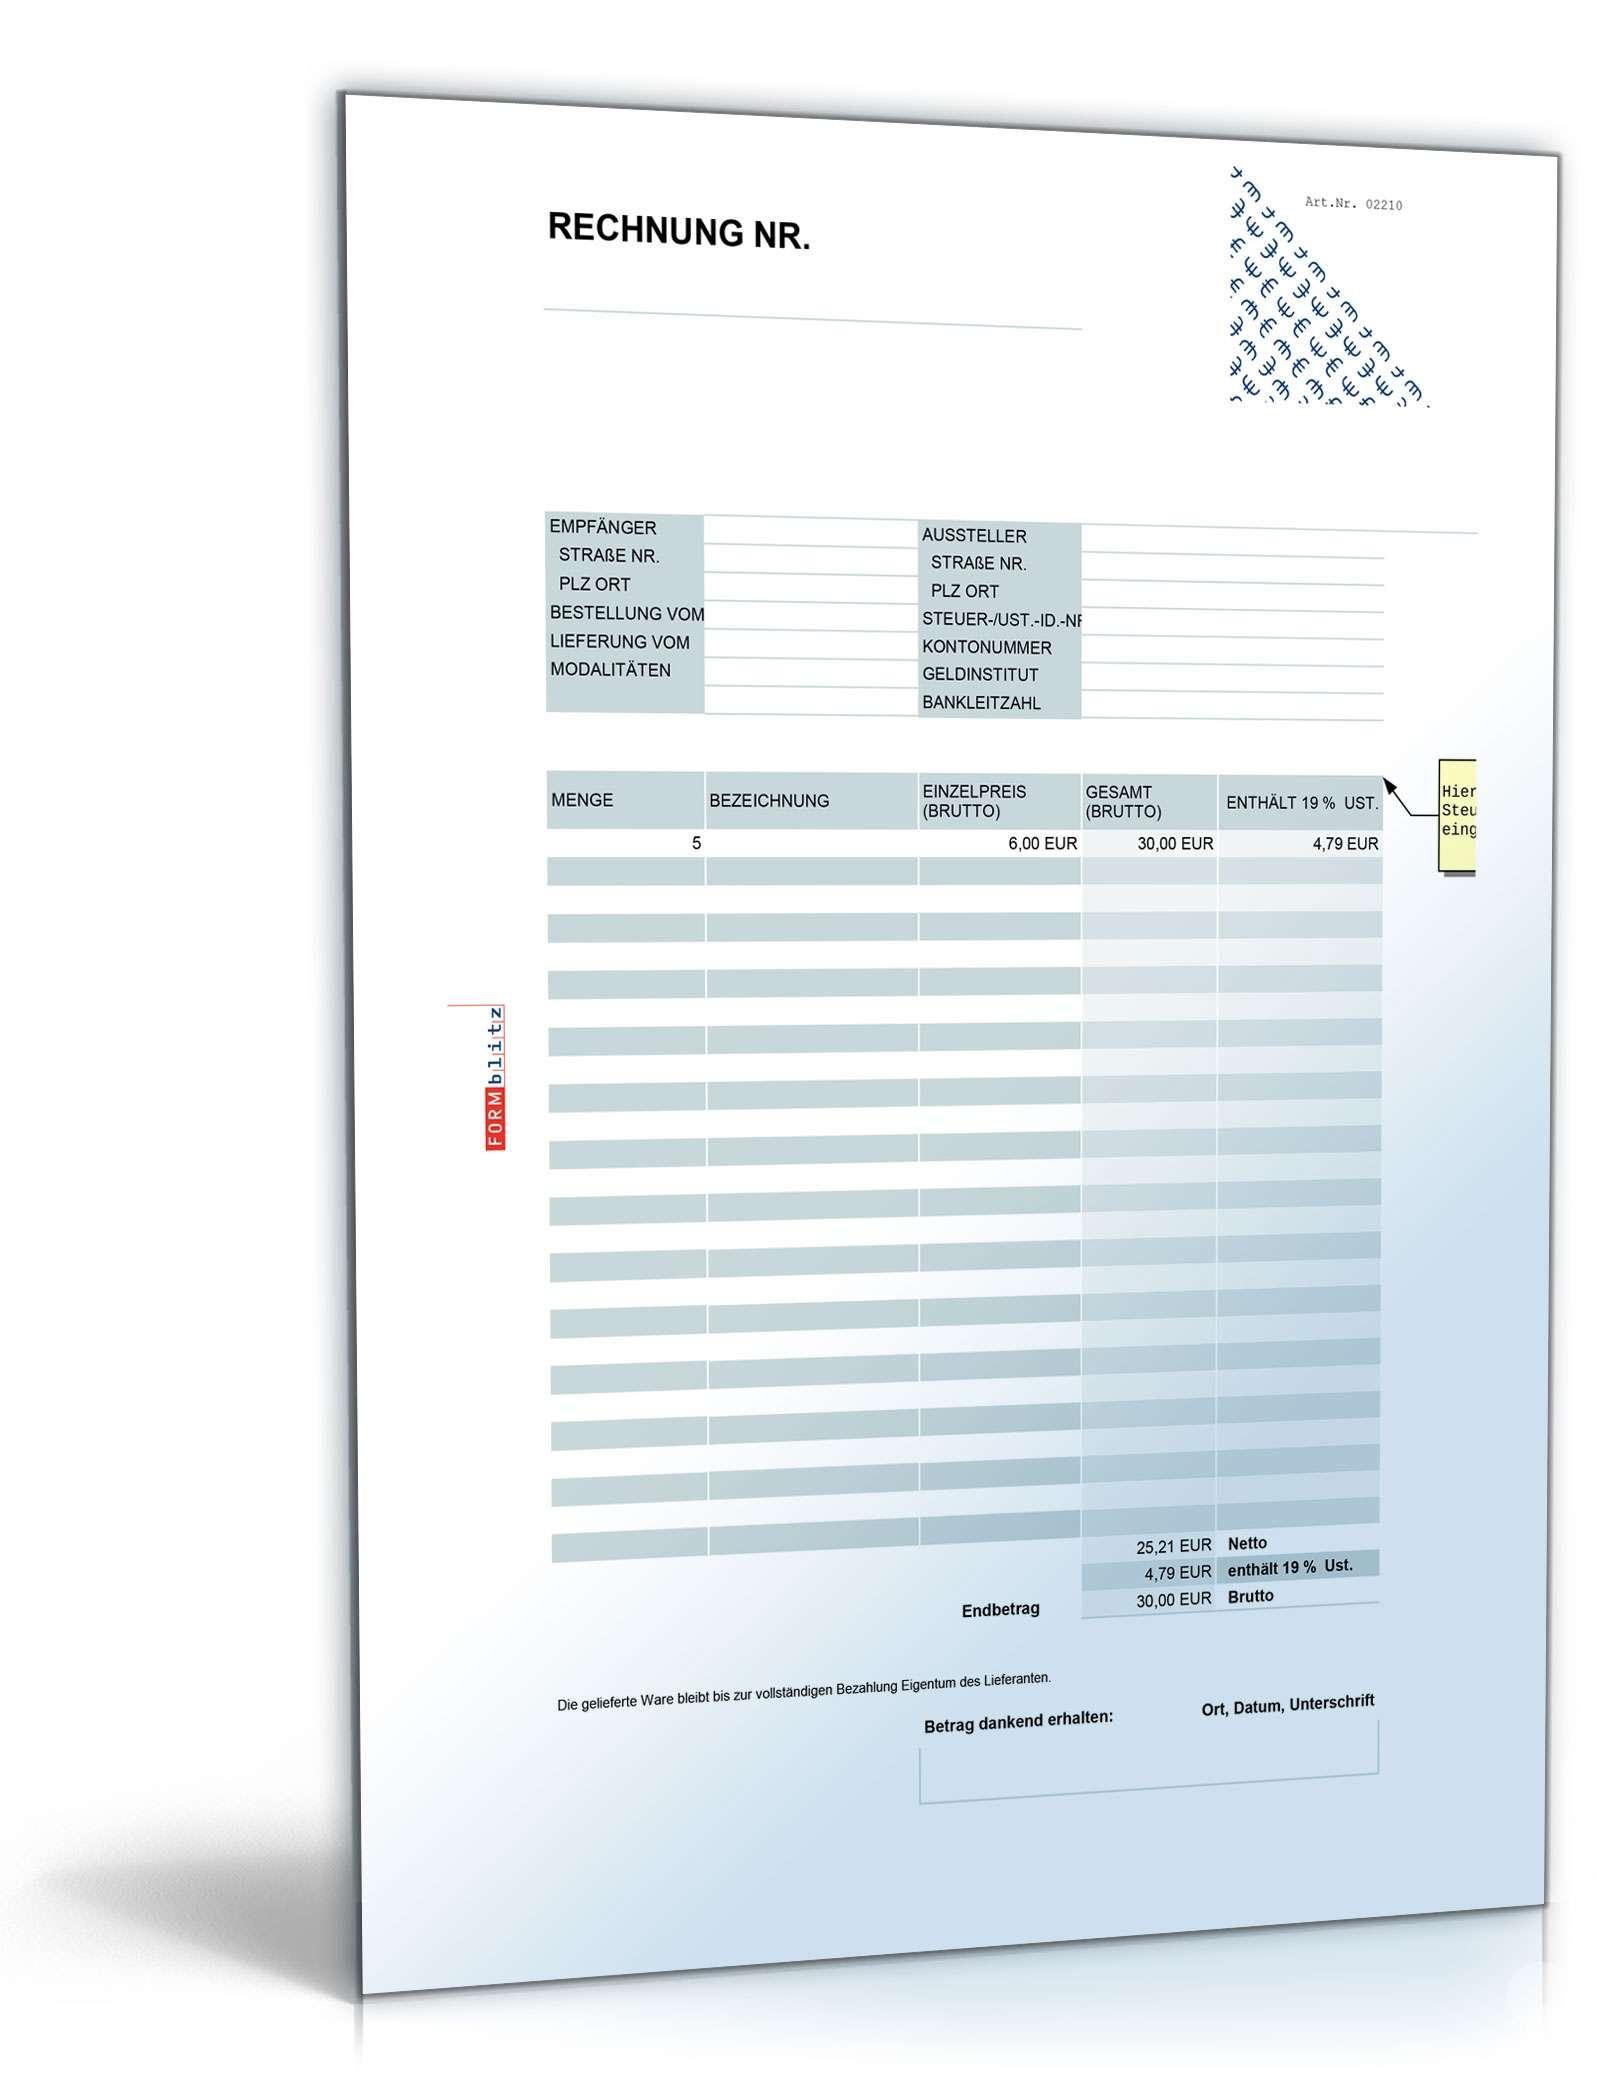 Rechnung Brutto Umsatzsteuer Einheitlich Muster Zum Download